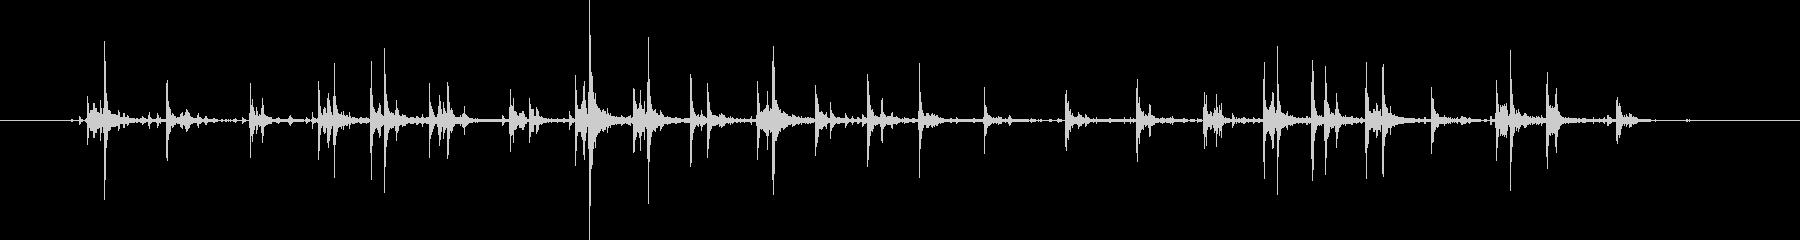 小型手動ウィンチ:ホイストアップま...の未再生の波形